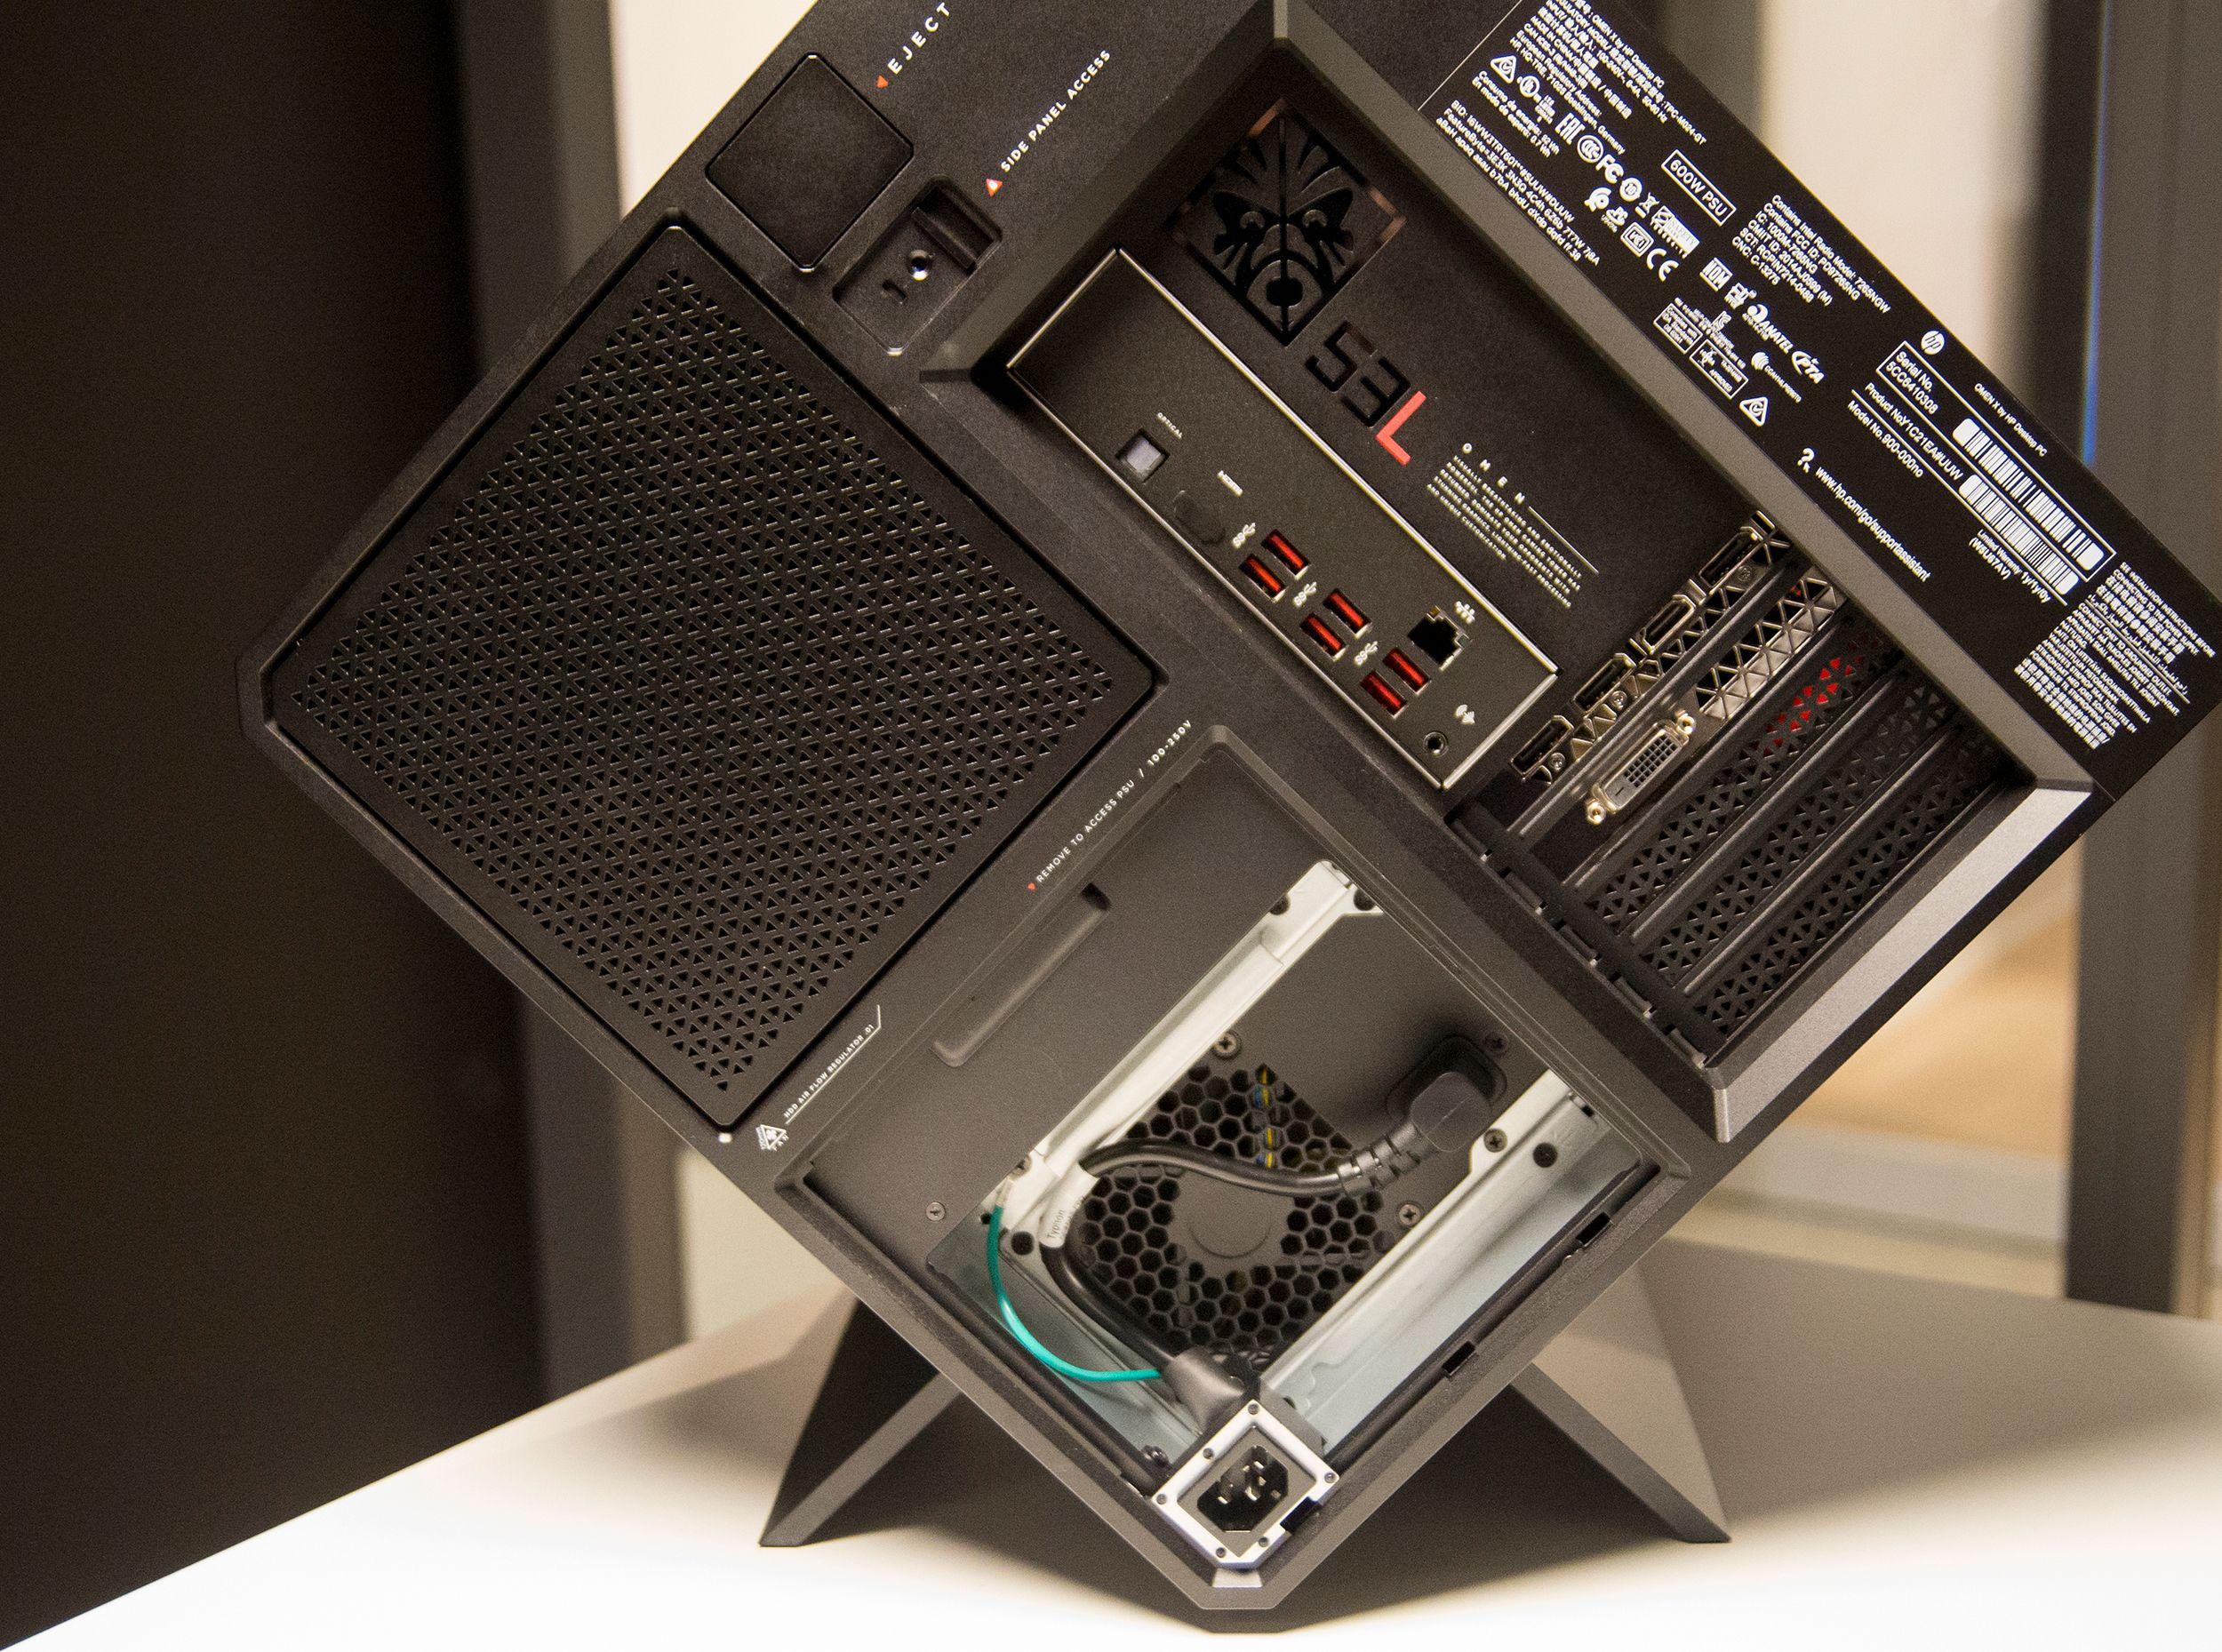 Du finner også flere tilkoblingsporter på siden av maskinen.